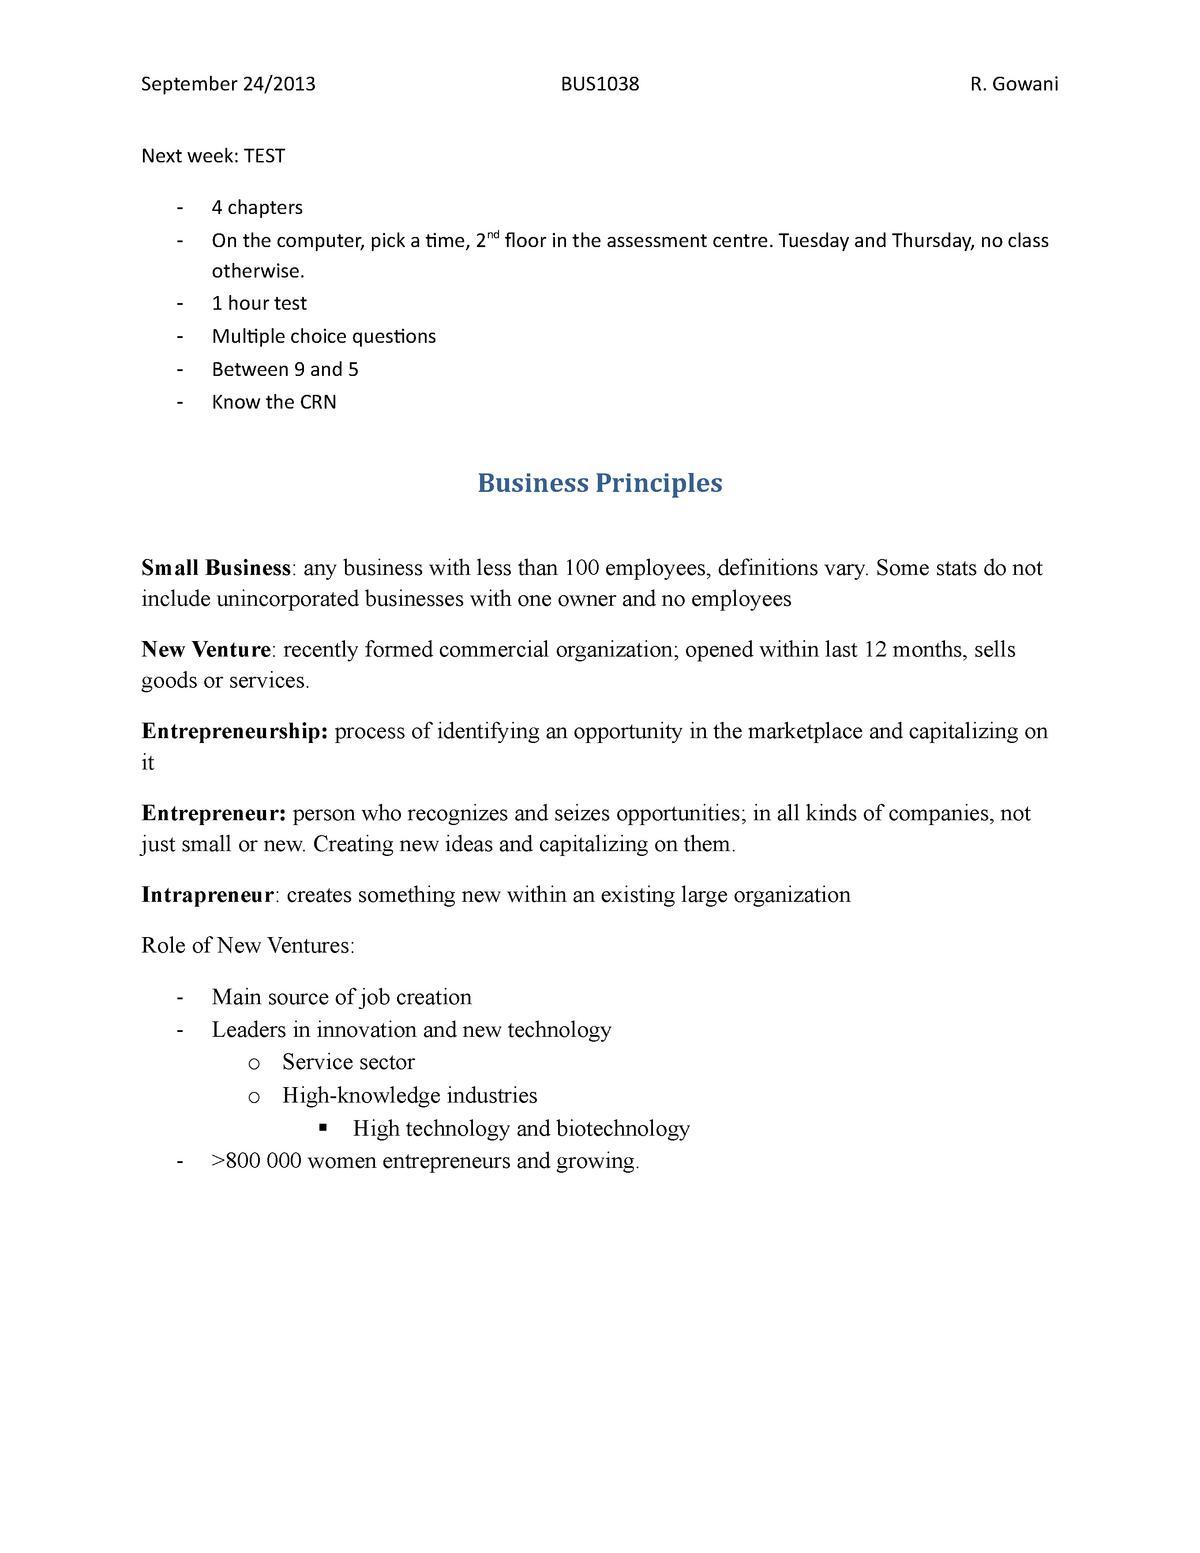 Business Principles - BUS1038: Business Concepts 1 - StuDocu